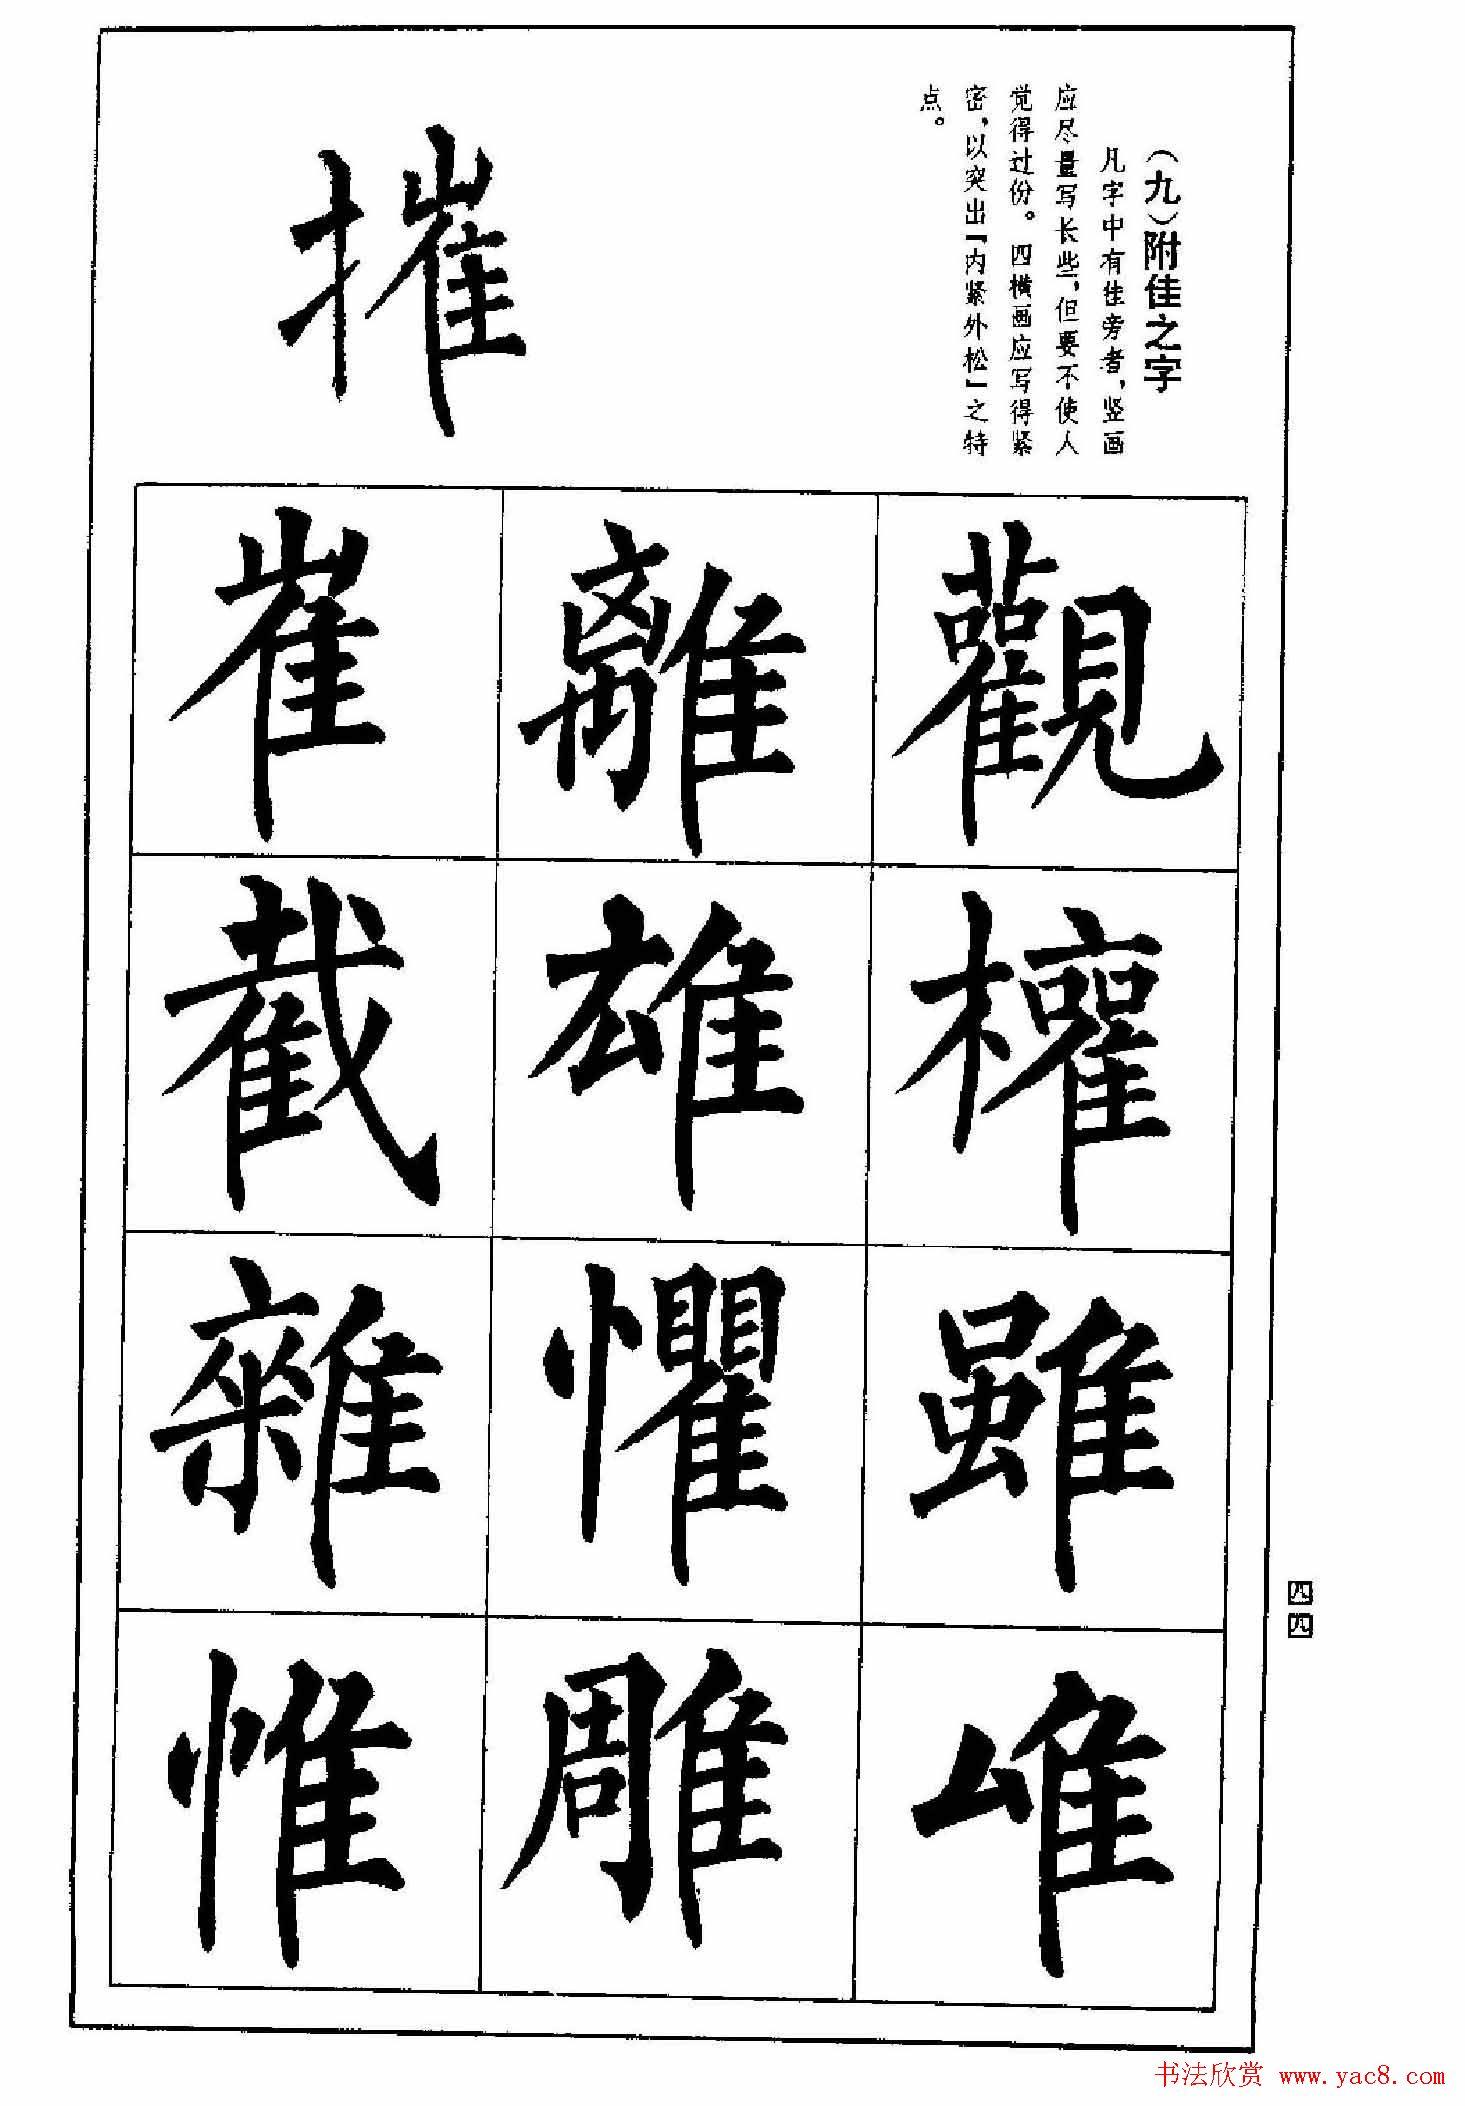 《赵孟頫行书墨迹集字古诗》 11-20 翁方纲《楷书心经》书法作品欣赏